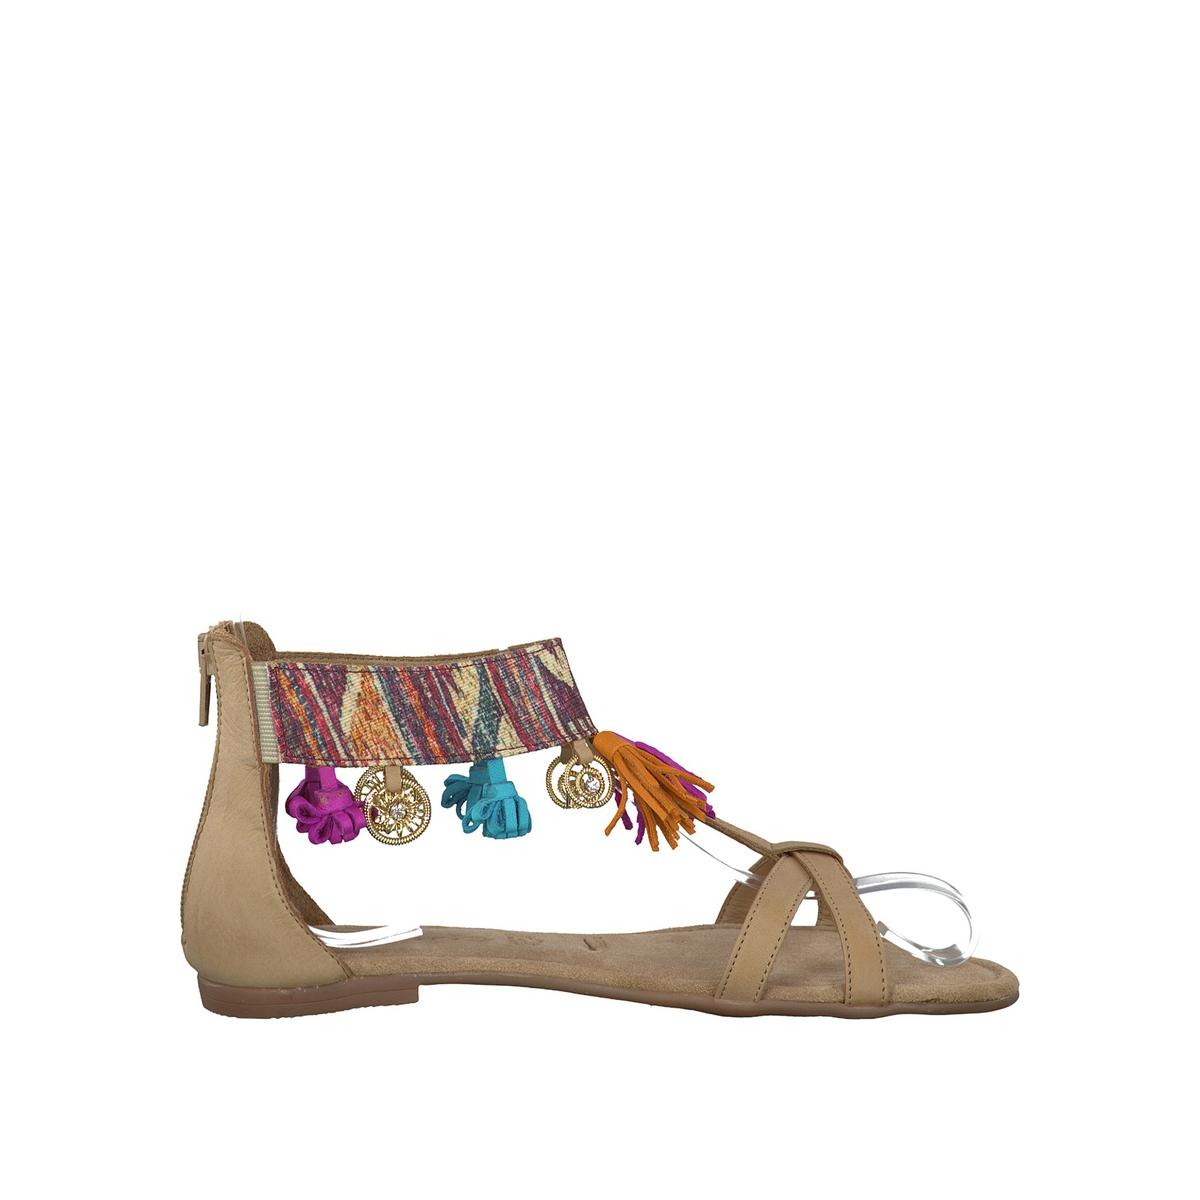 Сандалии кожаные 28100-28Верх/Голенище : кожа и текстиль  Подкладка : кожа  Стелька : кожа  Подошва : синтетика   Форма каблука : плоский каблук  Мысок : закругленный мысок  Застежка : молния<br><br>Цвет: бежевый,синий деним